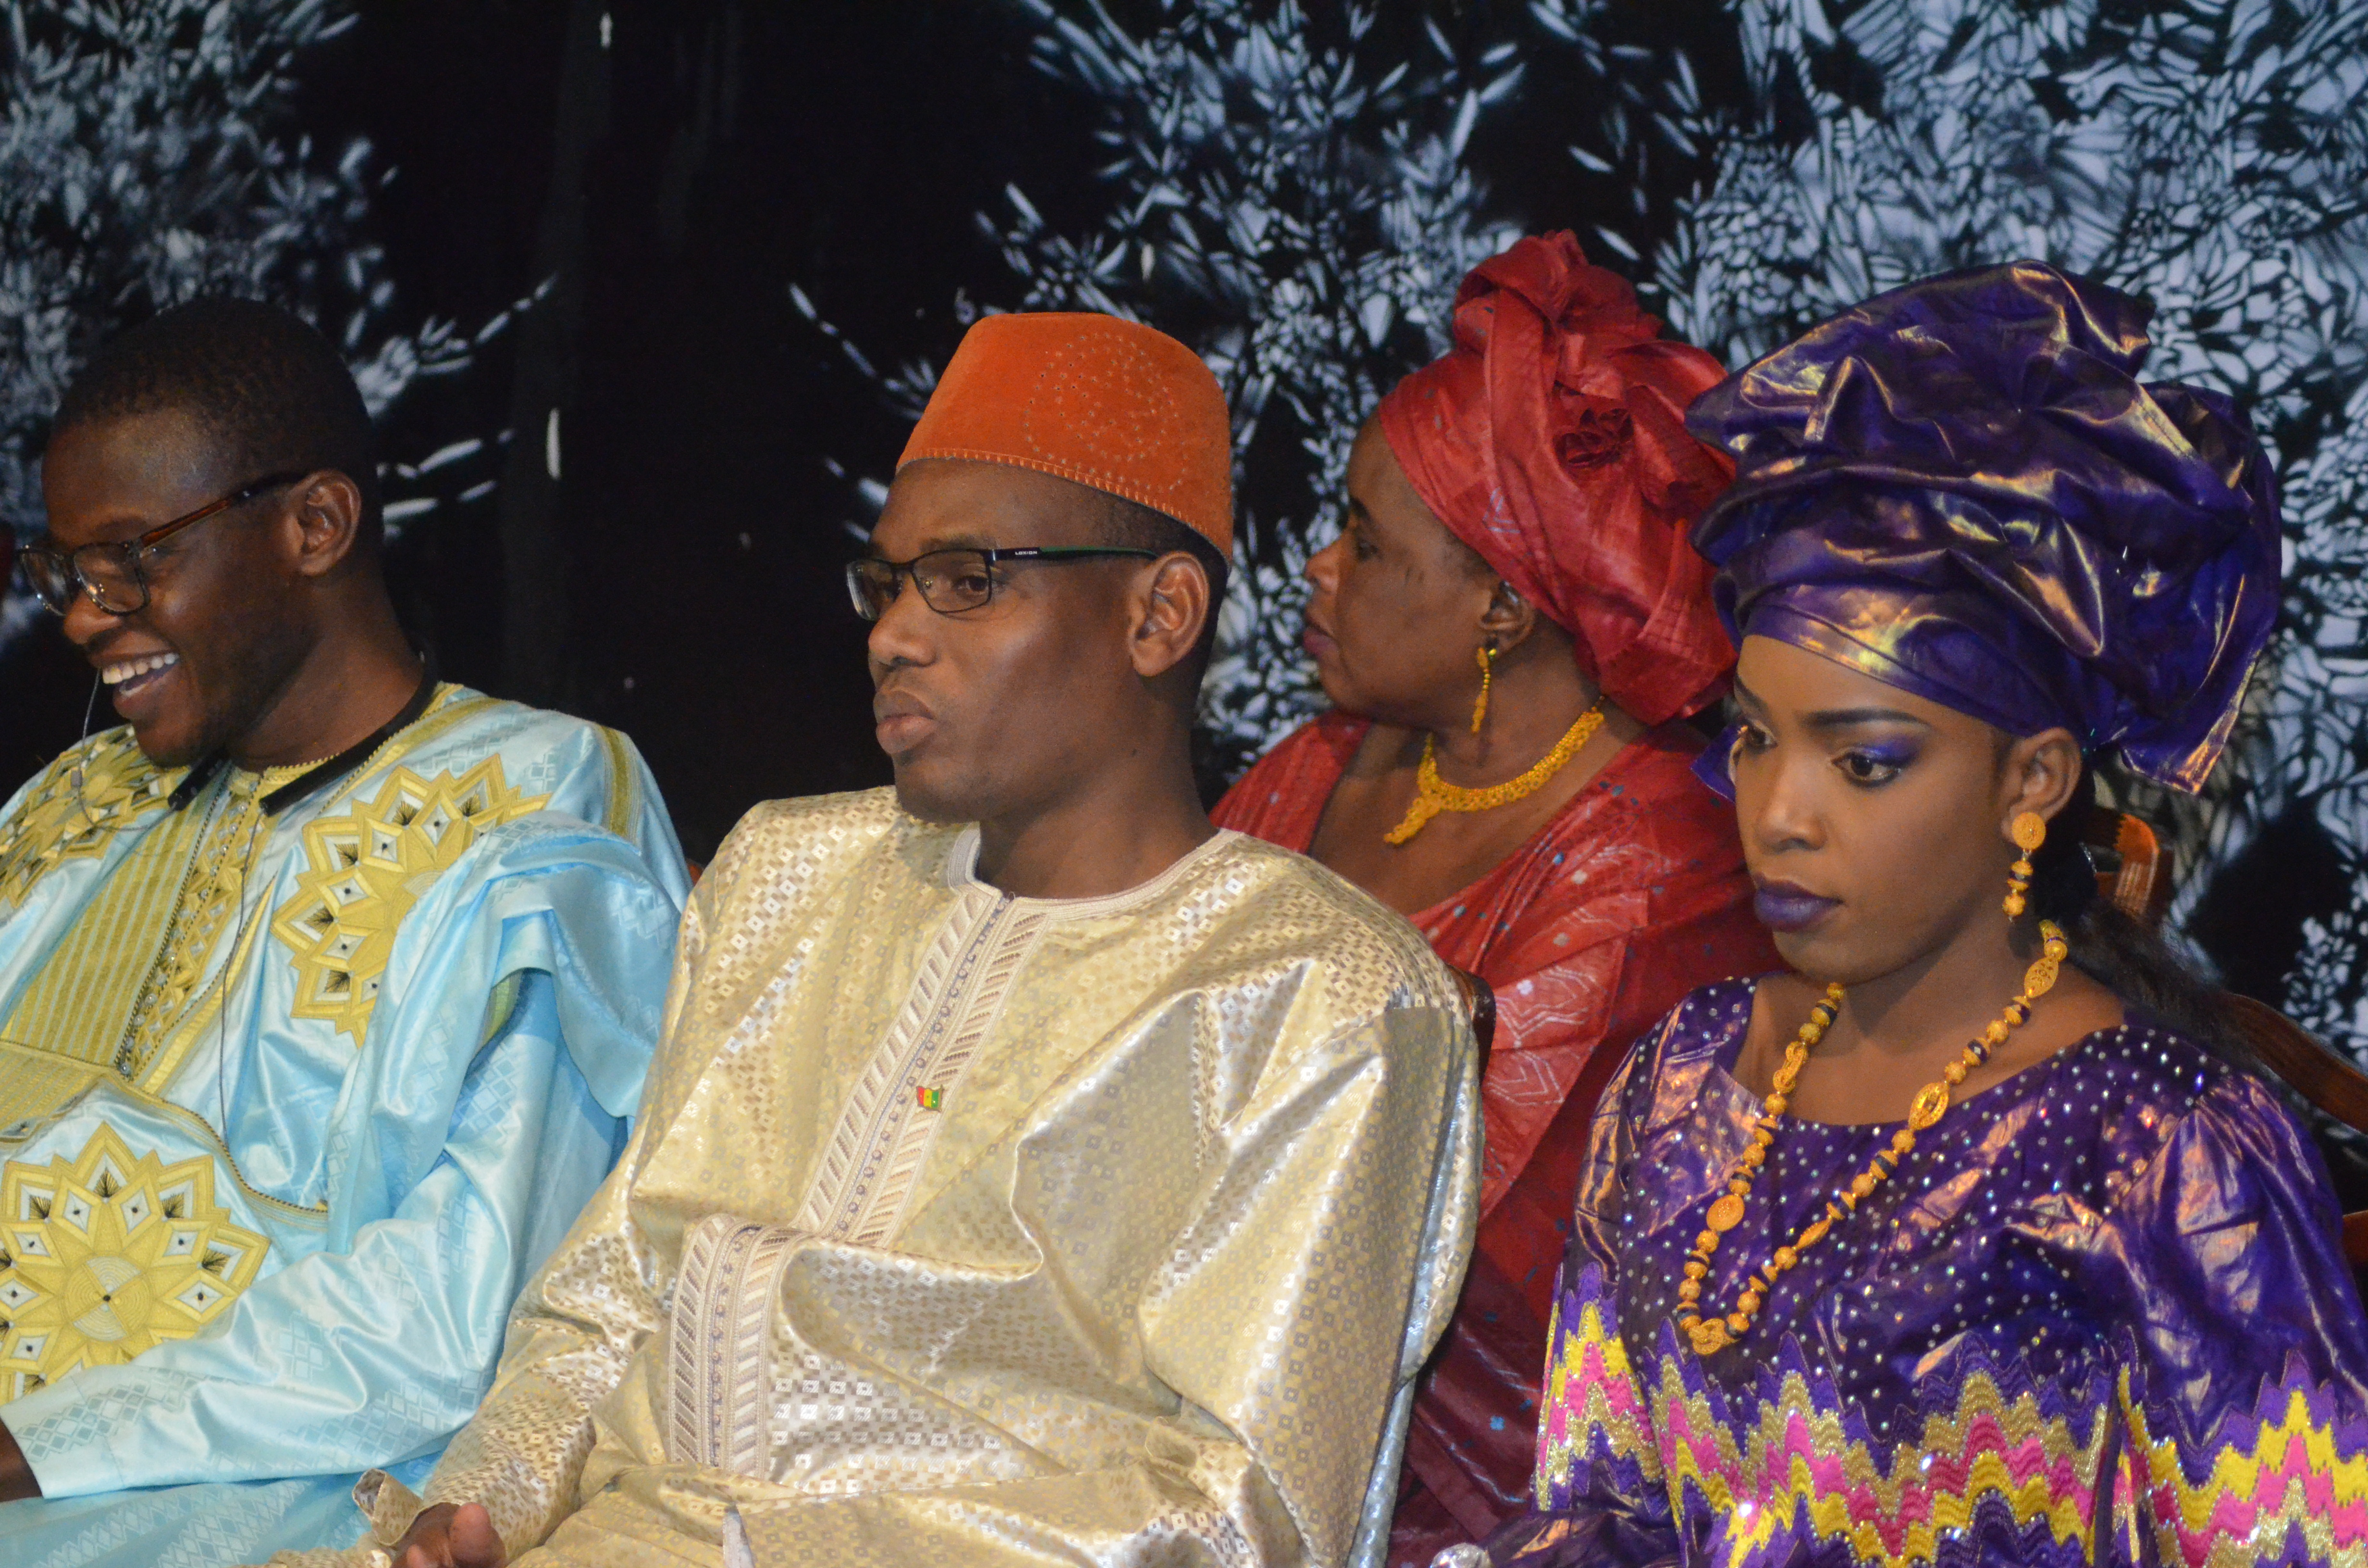 Première Edition soirée culturelle de l'Association Boyinadji Ma fierté de Bokidiawé, le parrain Bocar Abdoulaye Ly appelle à l'union des cœurs (11)